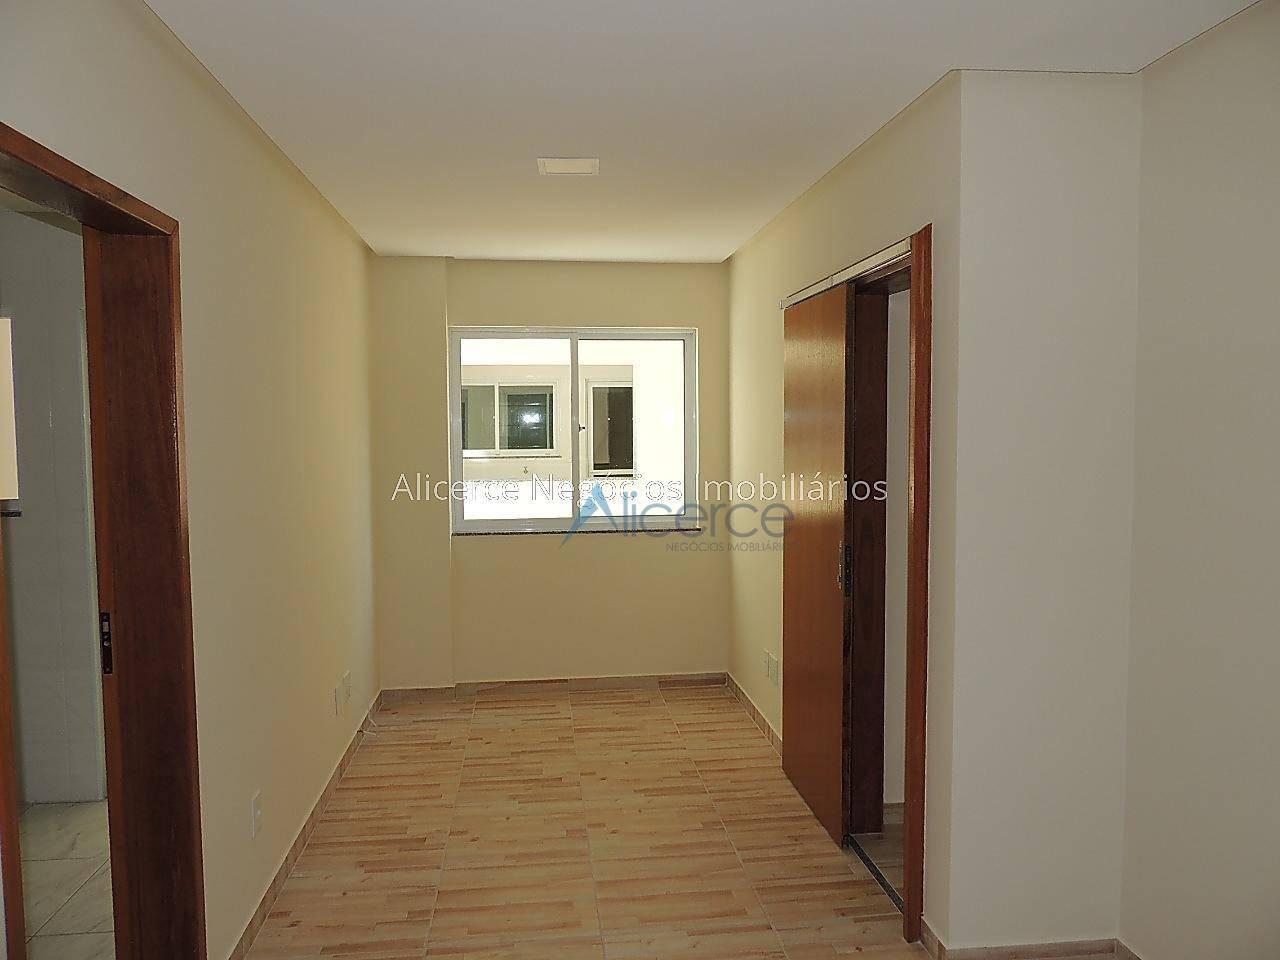 Apartamento com 2 dormitórios para alugar, 65 m² por R$ 800/mês - Progresso - Juiz de Fora/MG